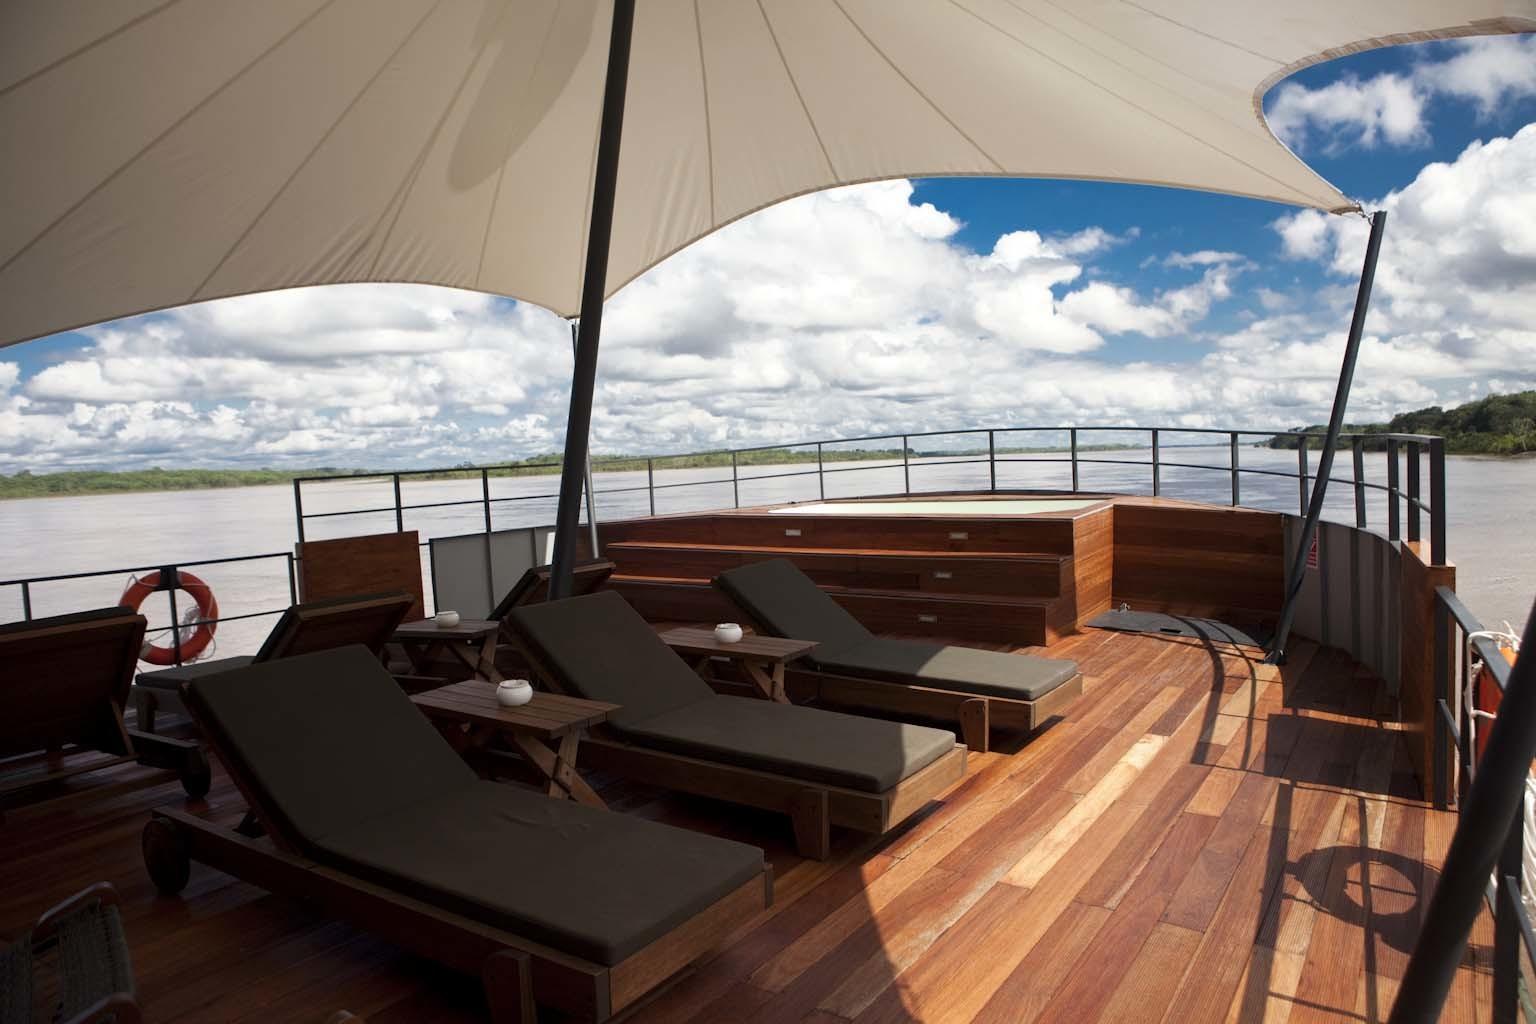 Foto de Recorre el Amazonas en un hotel flotante de lujo (13/14)